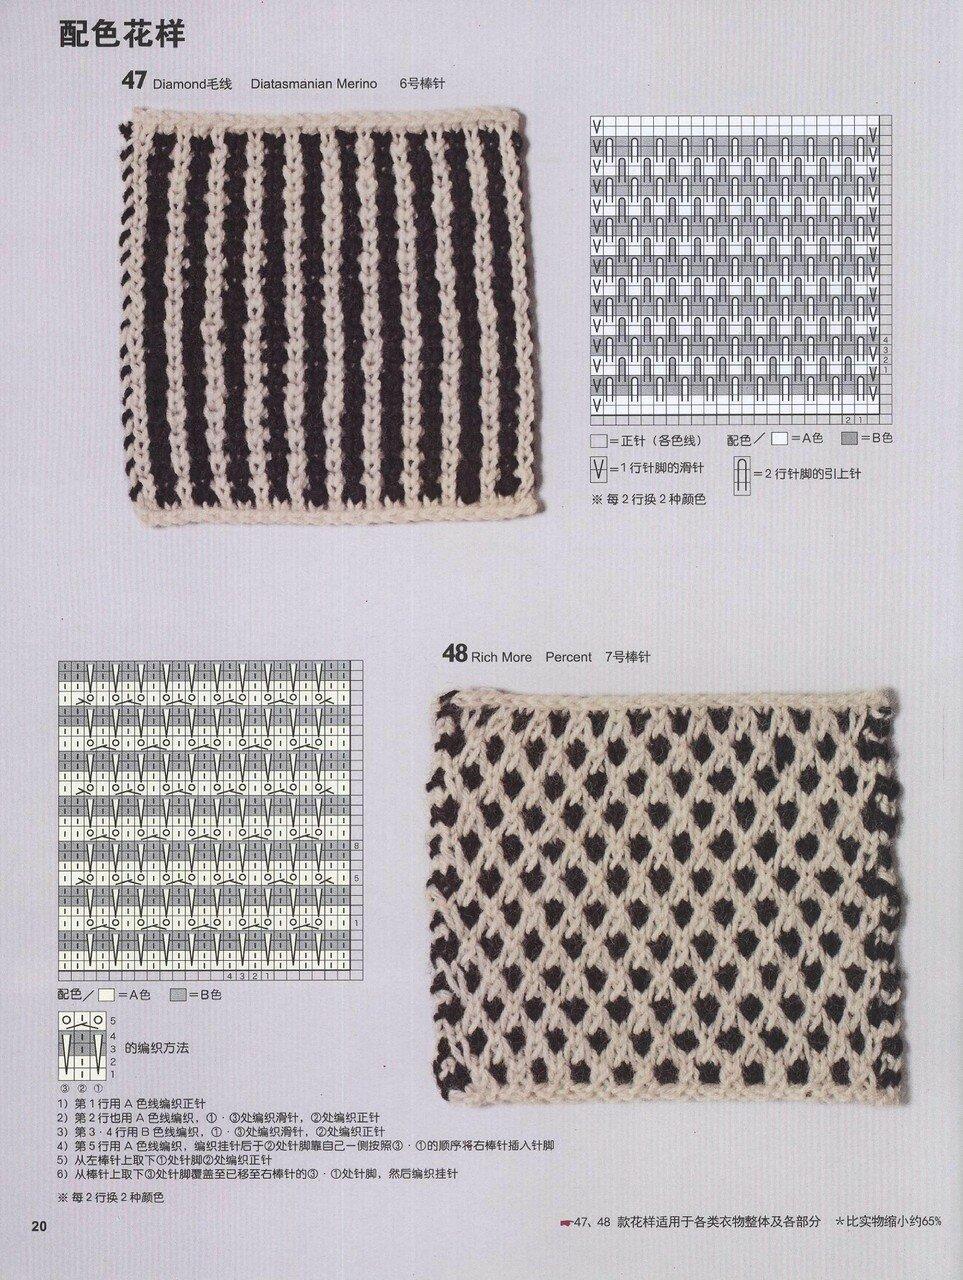 150 Knitting_22.jpg